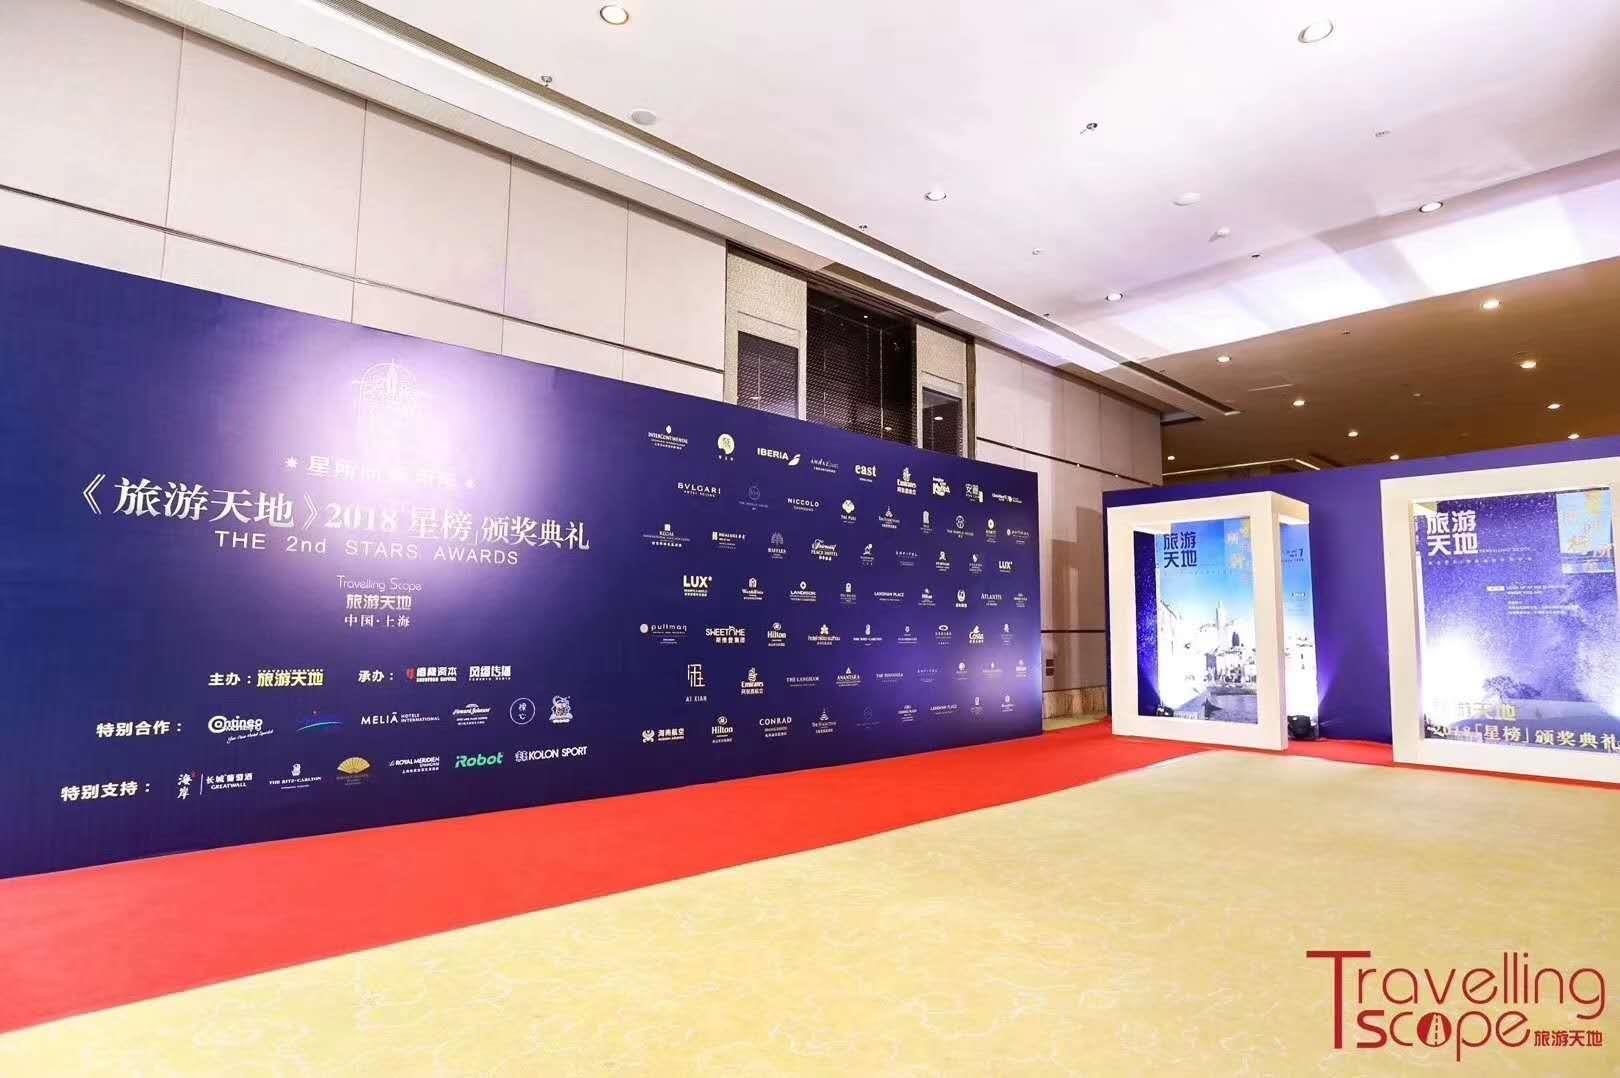 上海舞台桁架租赁公司前五名